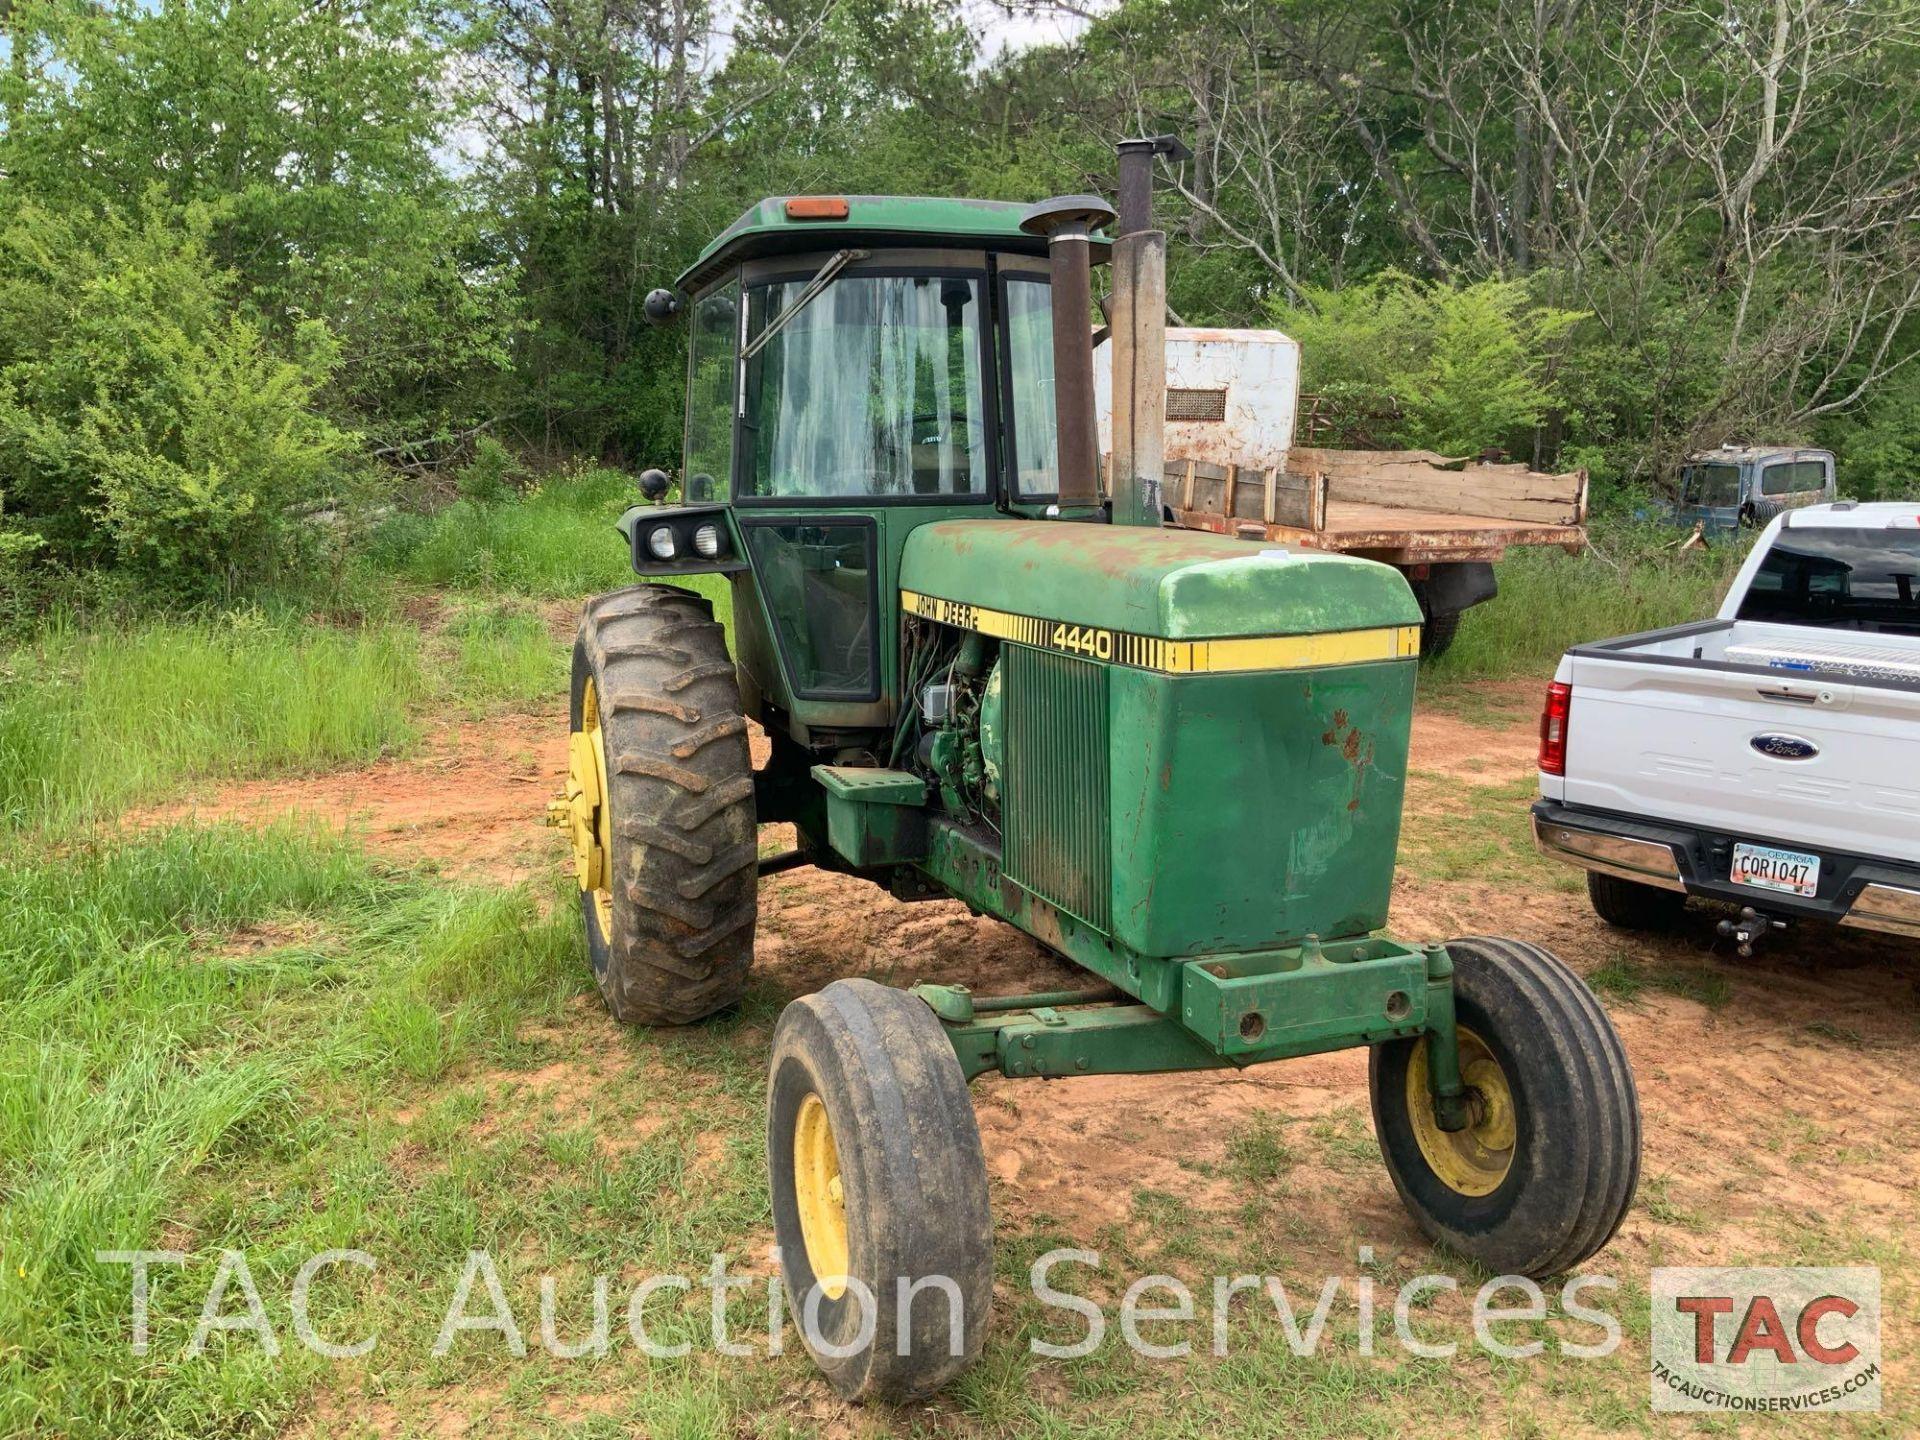 John Deere 4440 Tractor - Image 3 of 31